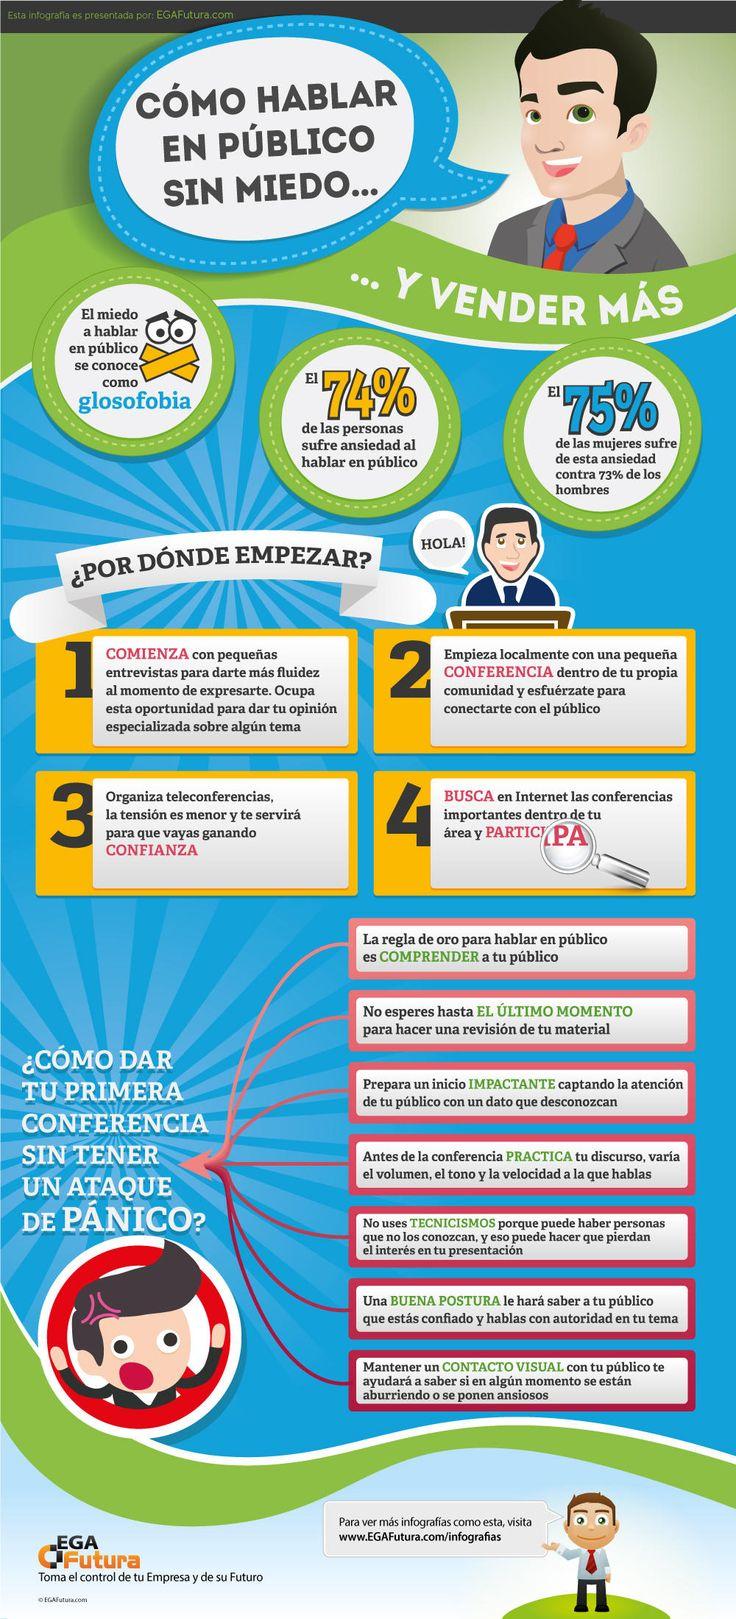 Cómo hablar en público sin miedo (y vender más) #infografia #infographic…